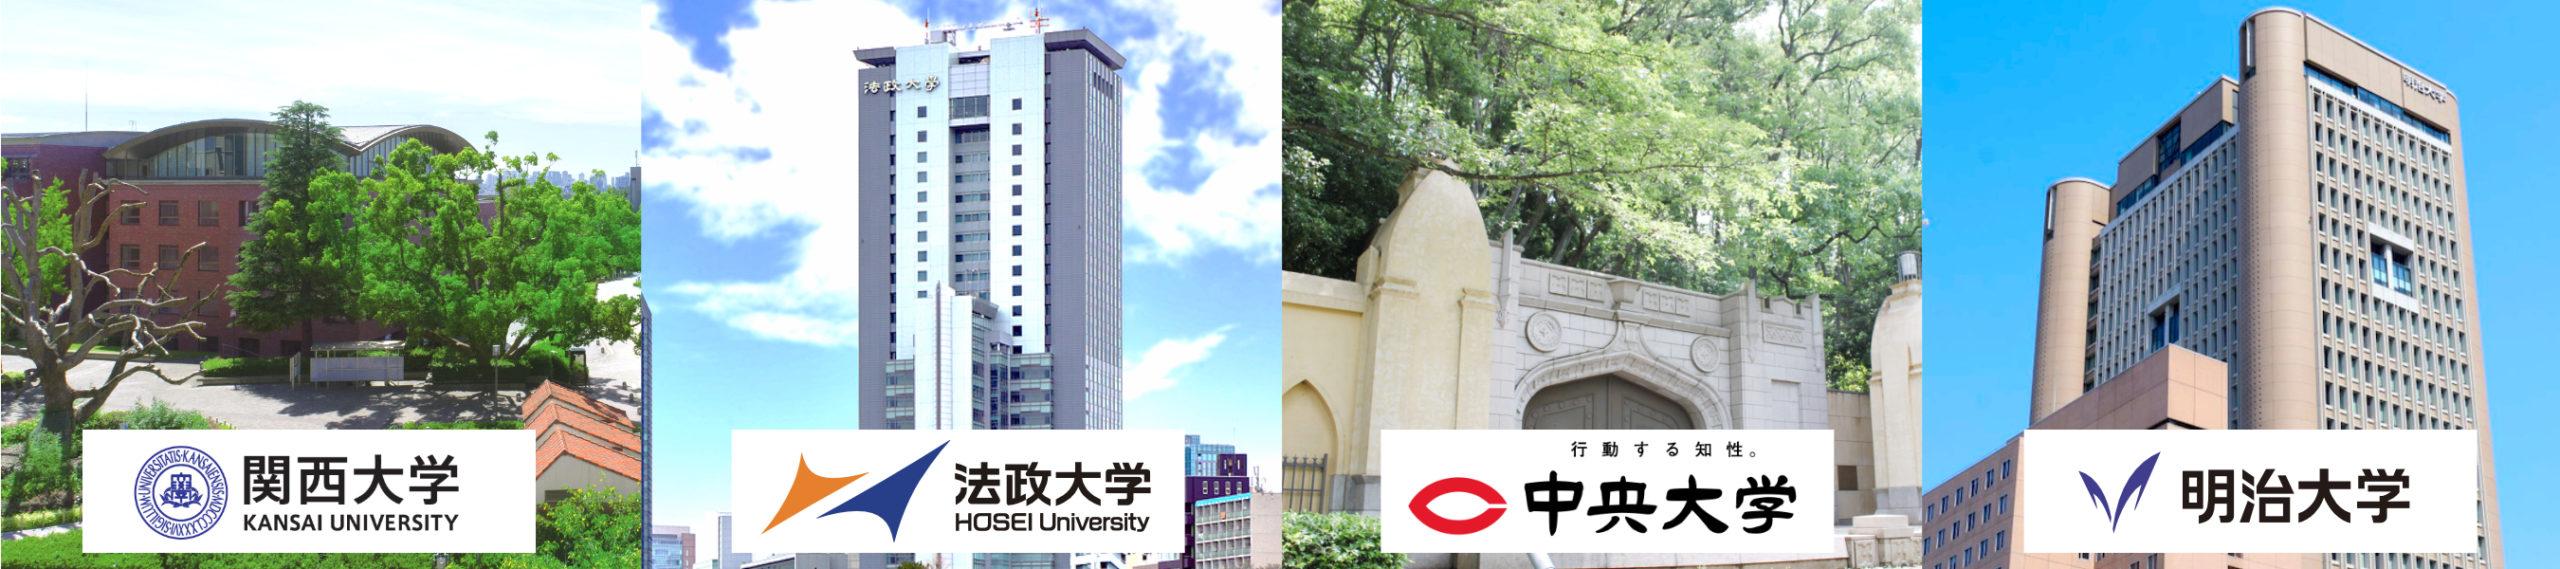 《有名私立大学合同入試説明会(札幌)》<br>お申込みフォーム